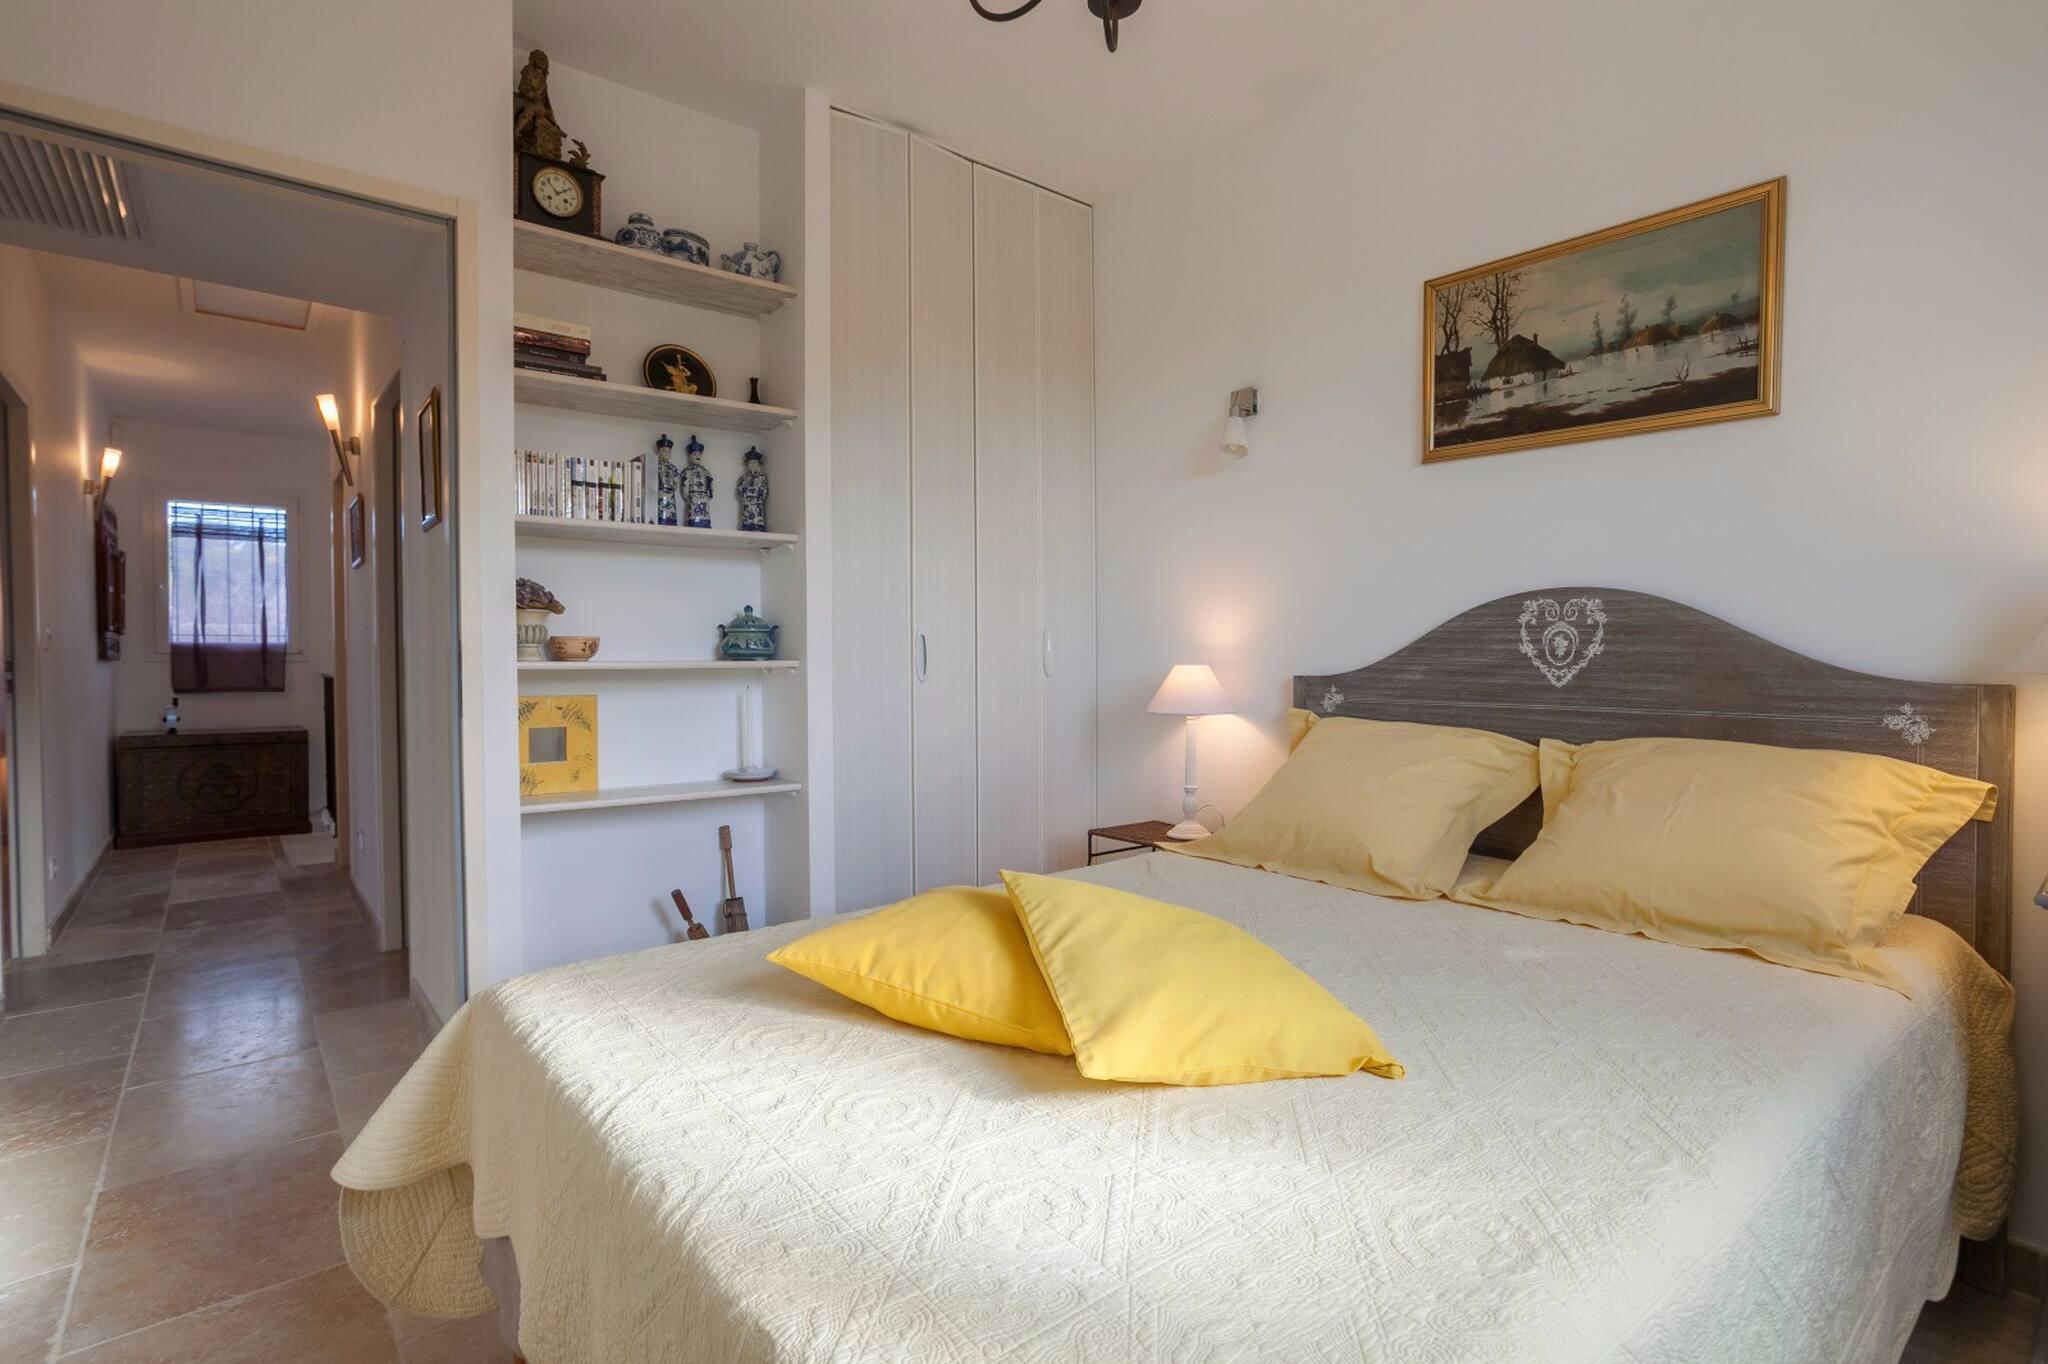 Maison de vacances La Bien Méritée - Für einen unvergesslichen Urlaub (2647544), L'Isle sur la Sorgue, Vaucluse, Provence - Alpes - Côte d'Azur, France, image 17